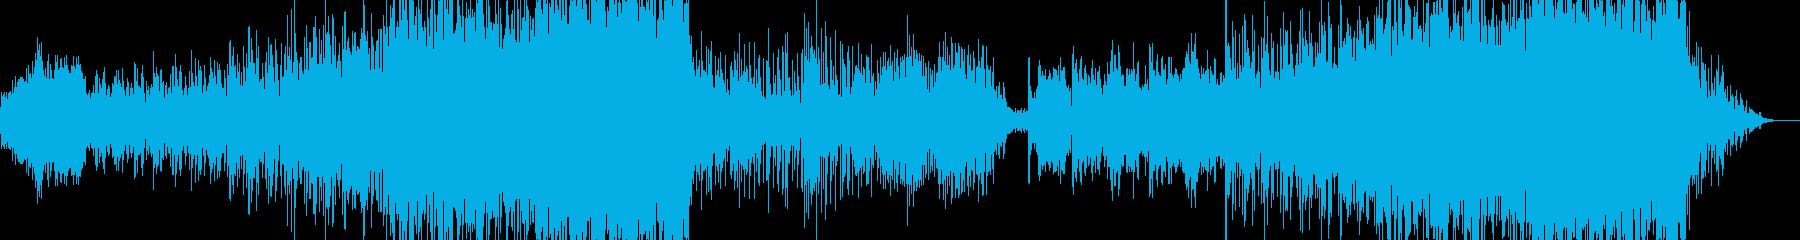 インド風音楽ー珊瑚礁の再生済みの波形